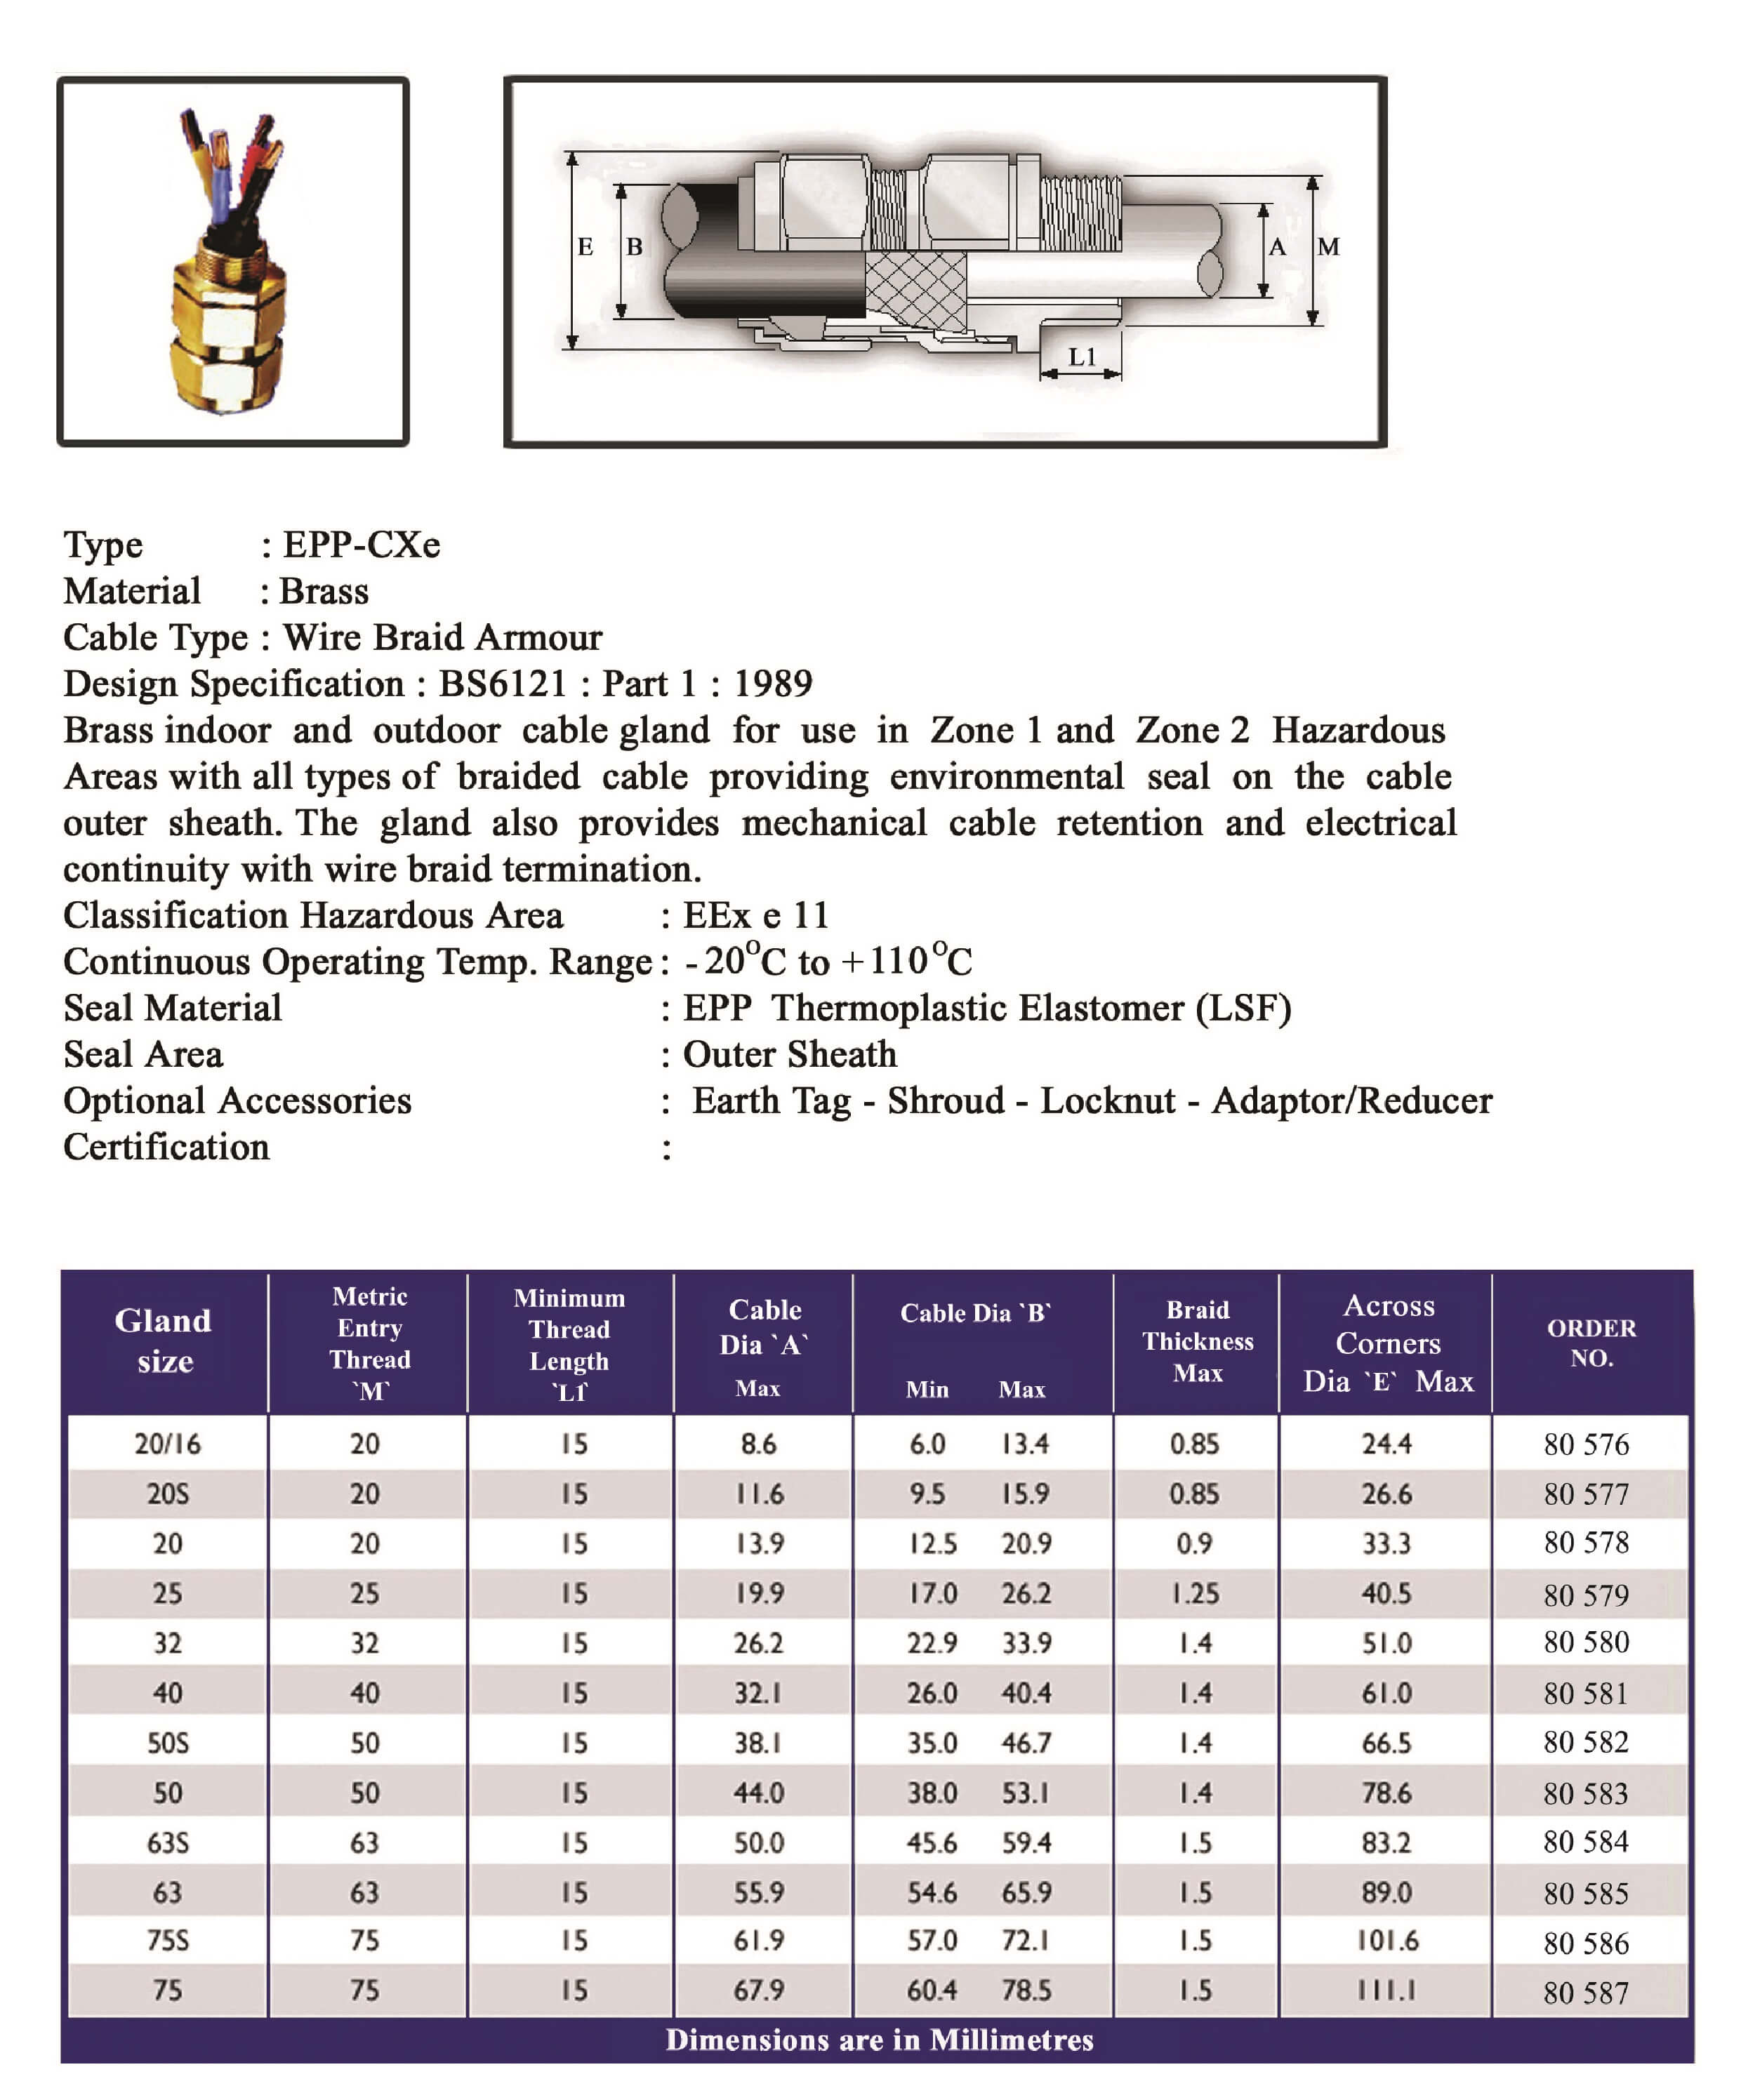 E.P.P - CXe Technical Datasheet